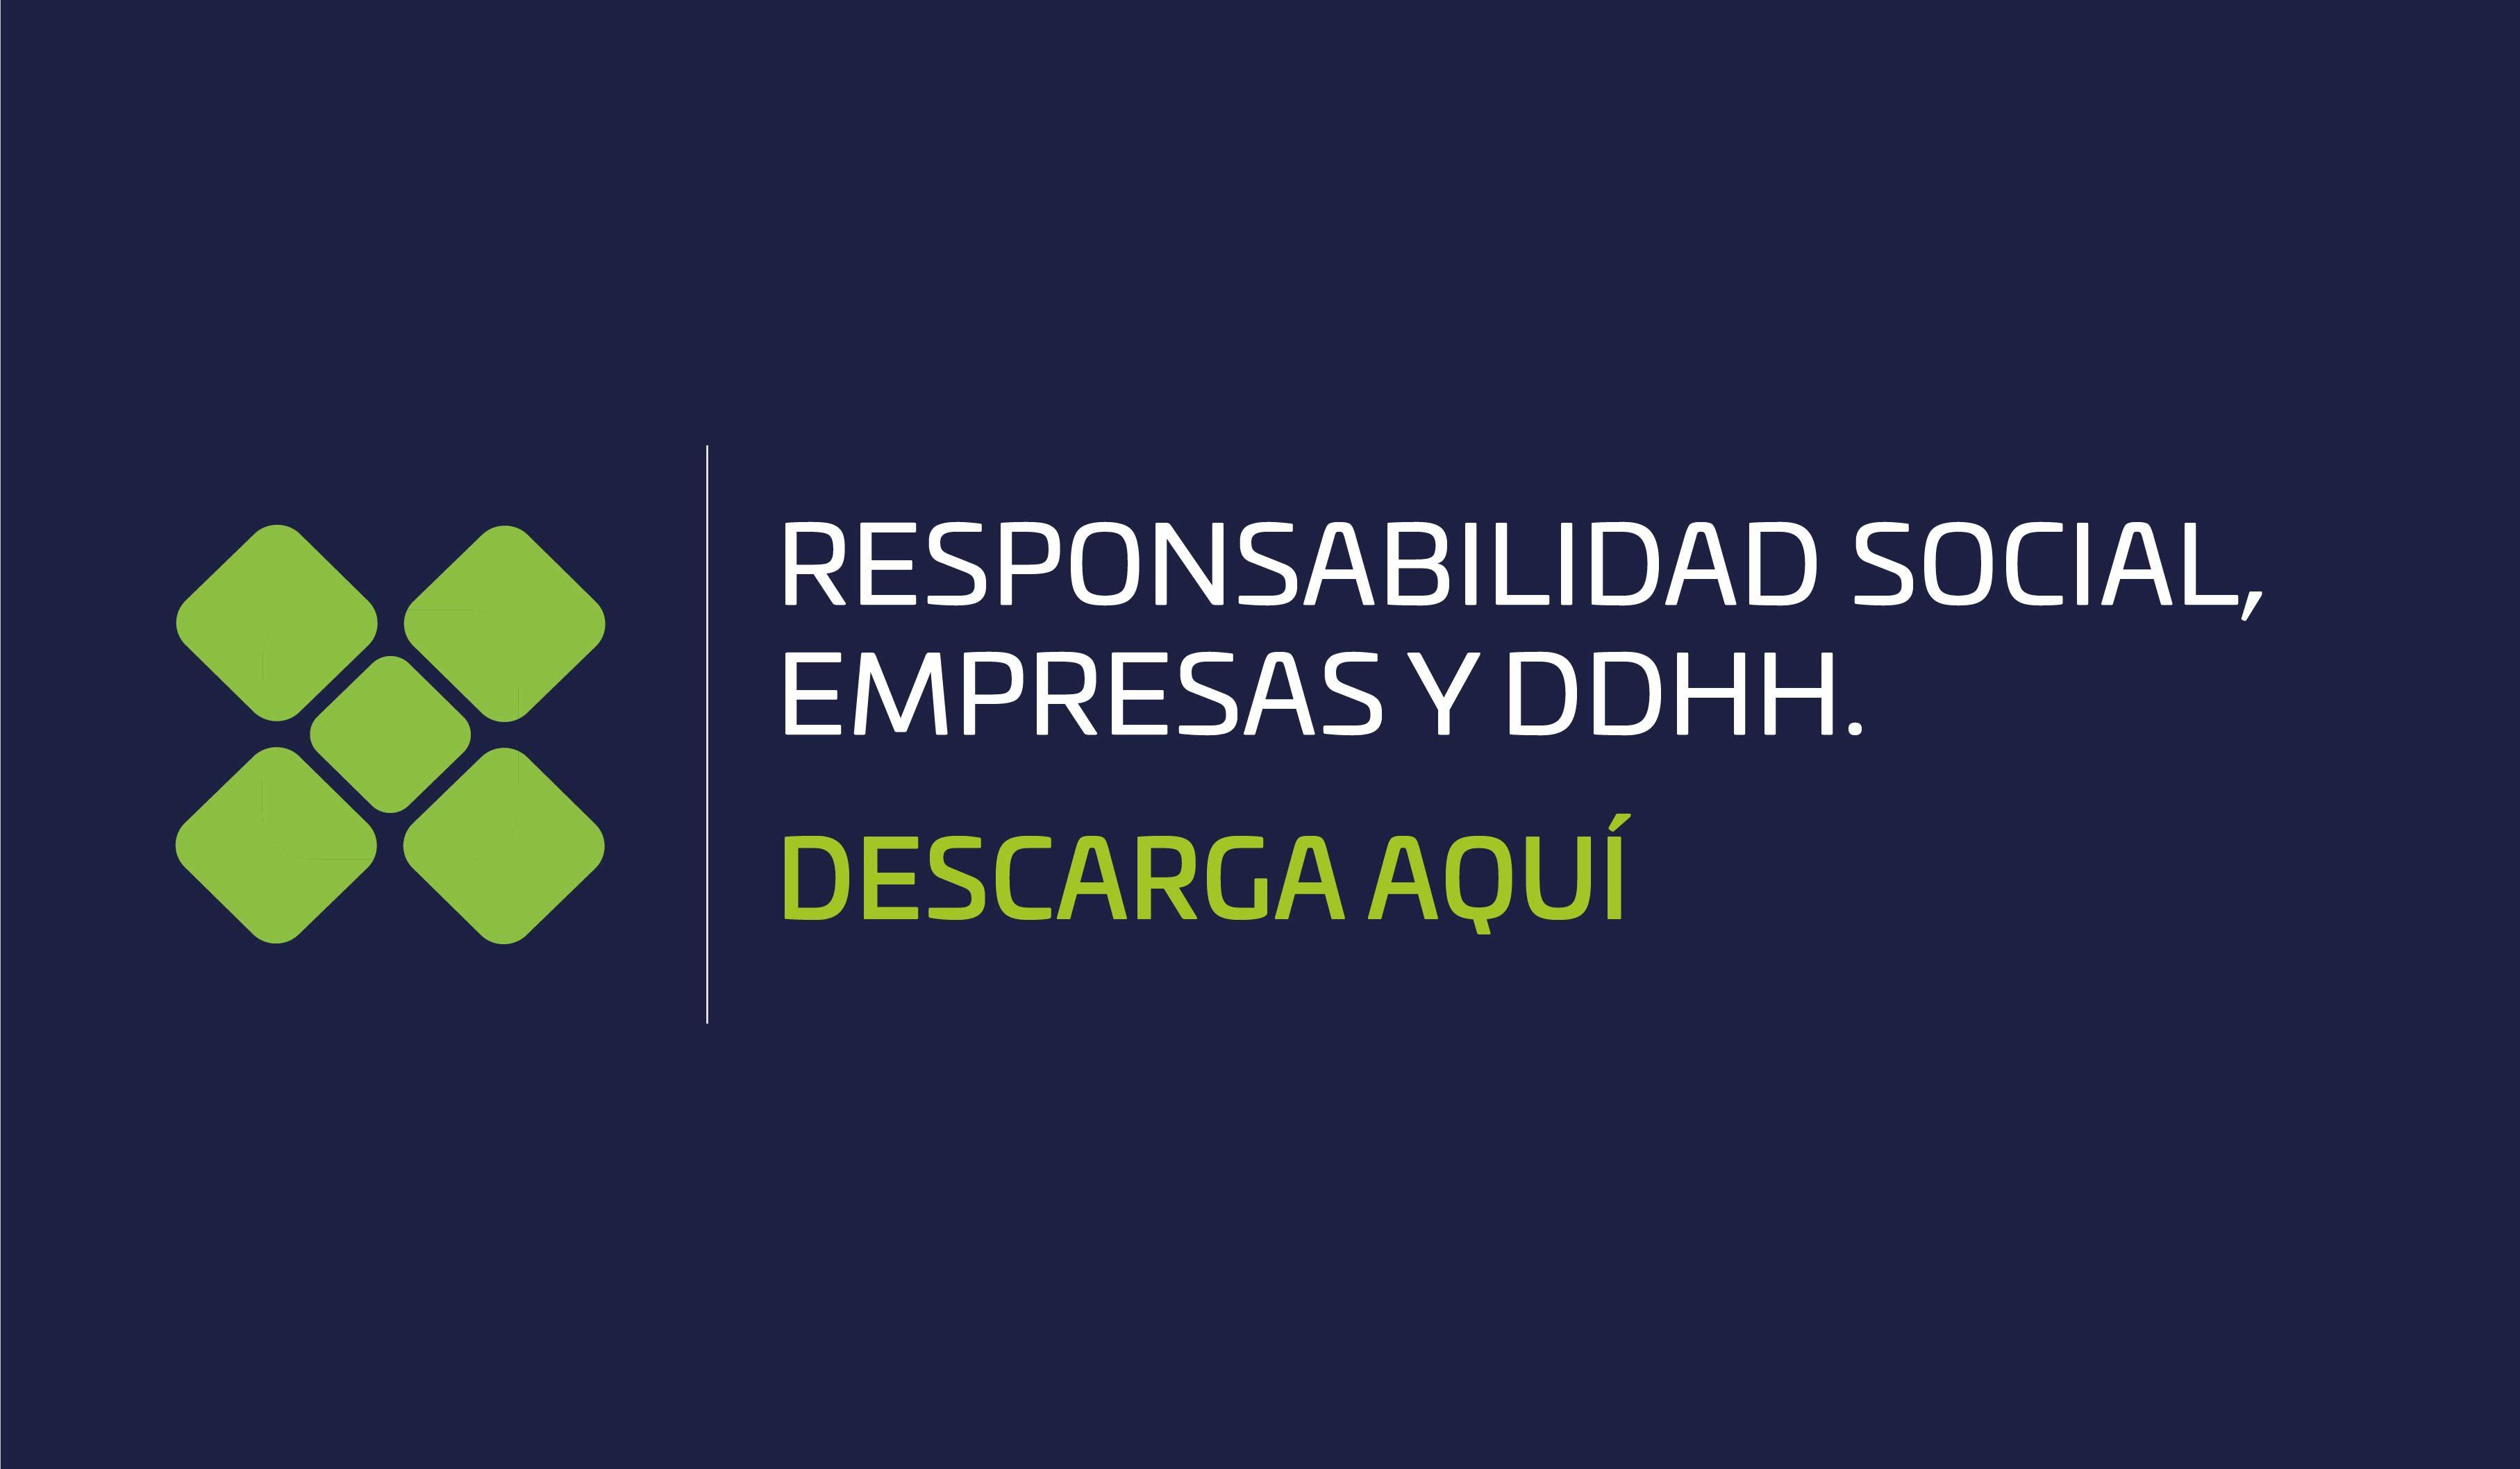 Responsabilidad social, empresas y derechos humanos